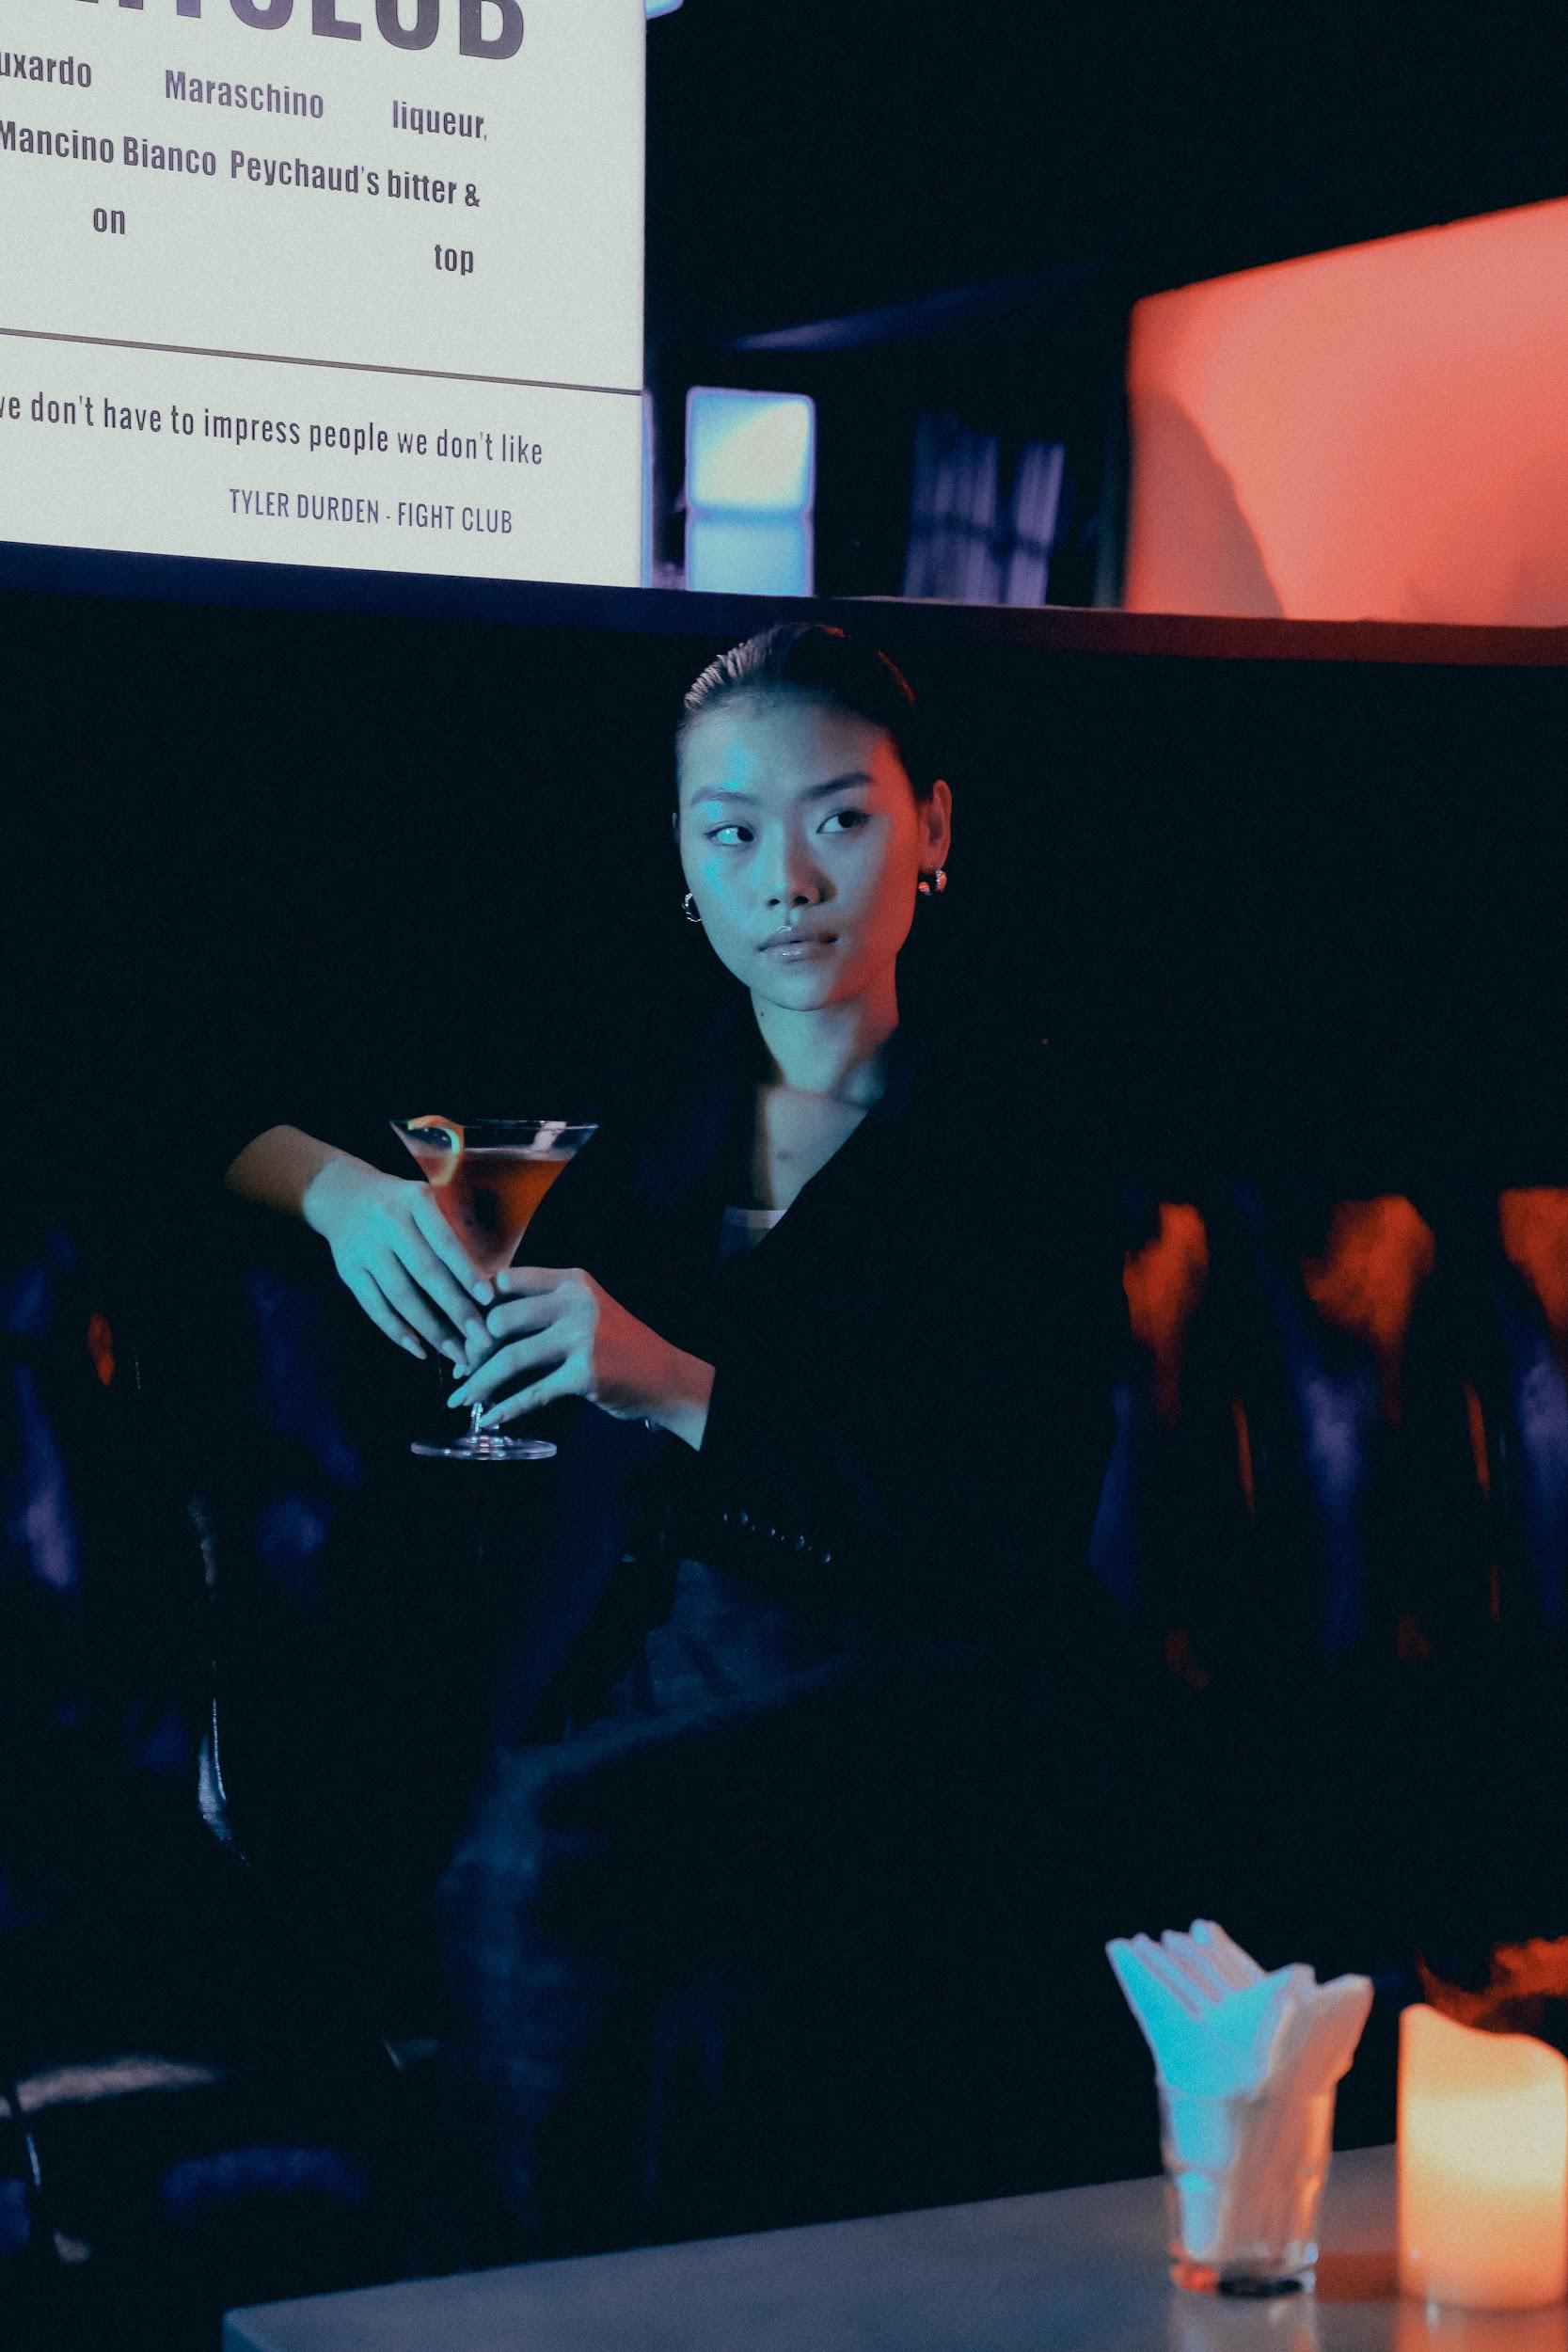 Léon: Quán cocktails mang phong cách rạp phim nhất định phải đến một lần - Ảnh 5.